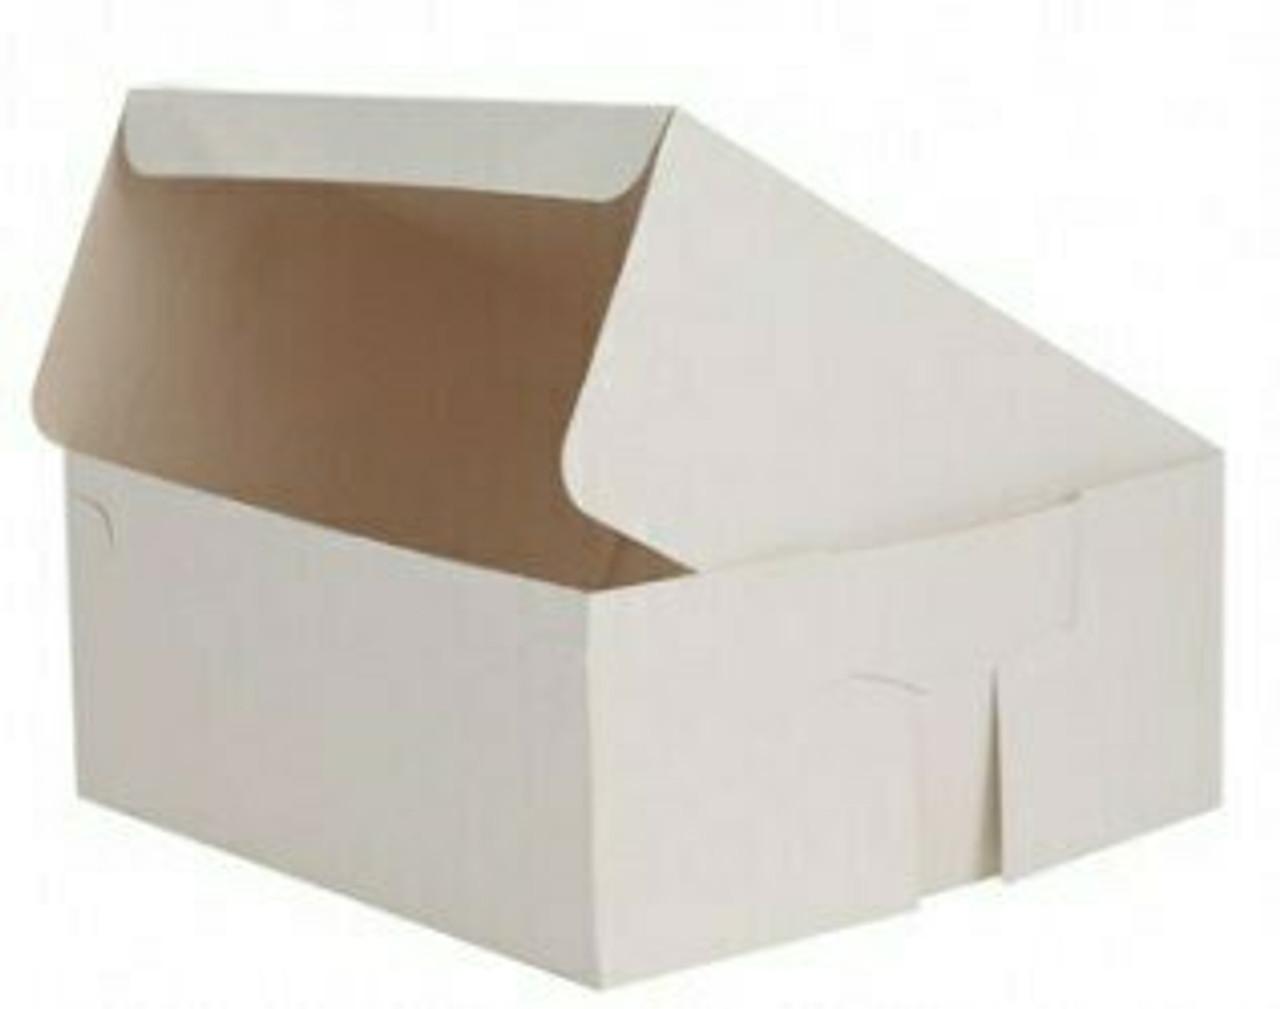 Cake Box White Flat Size 12x12x6 Pack Size 50